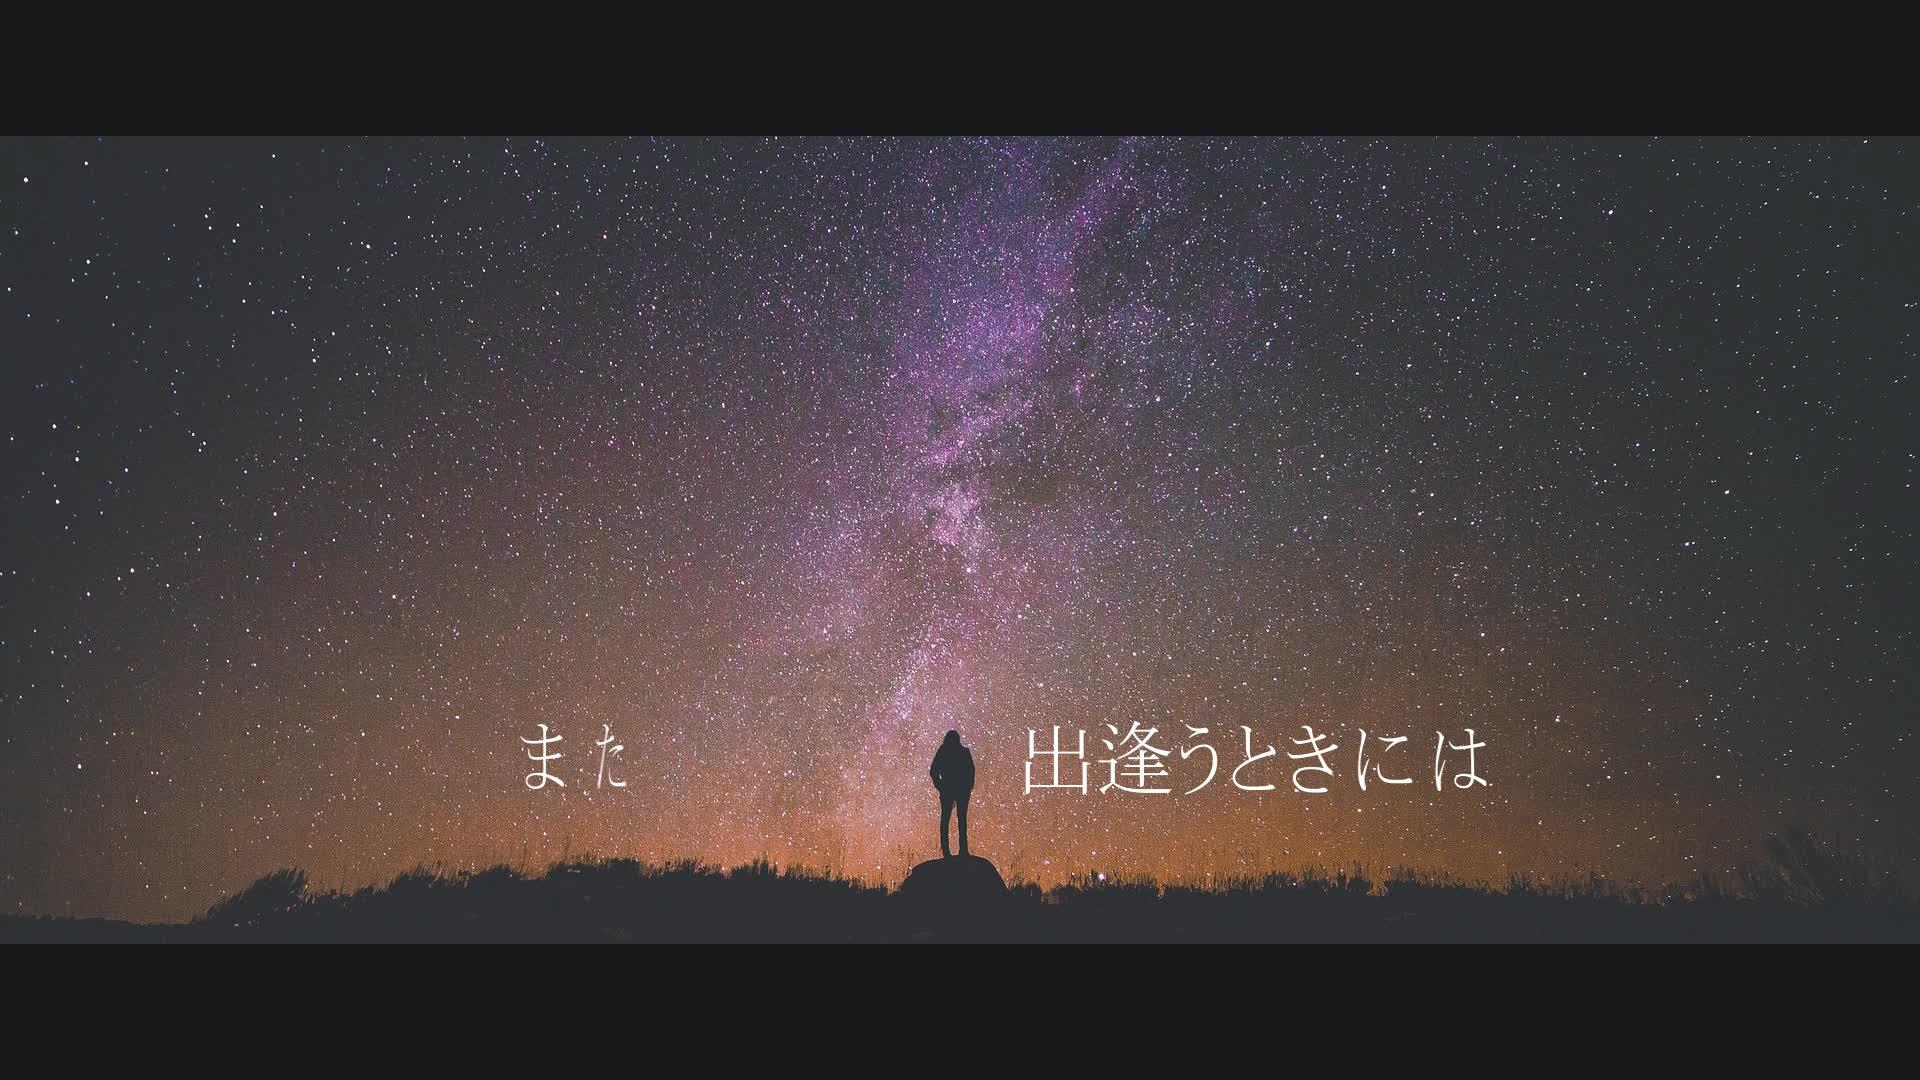 【リリックビデオ】クライバーズデイ